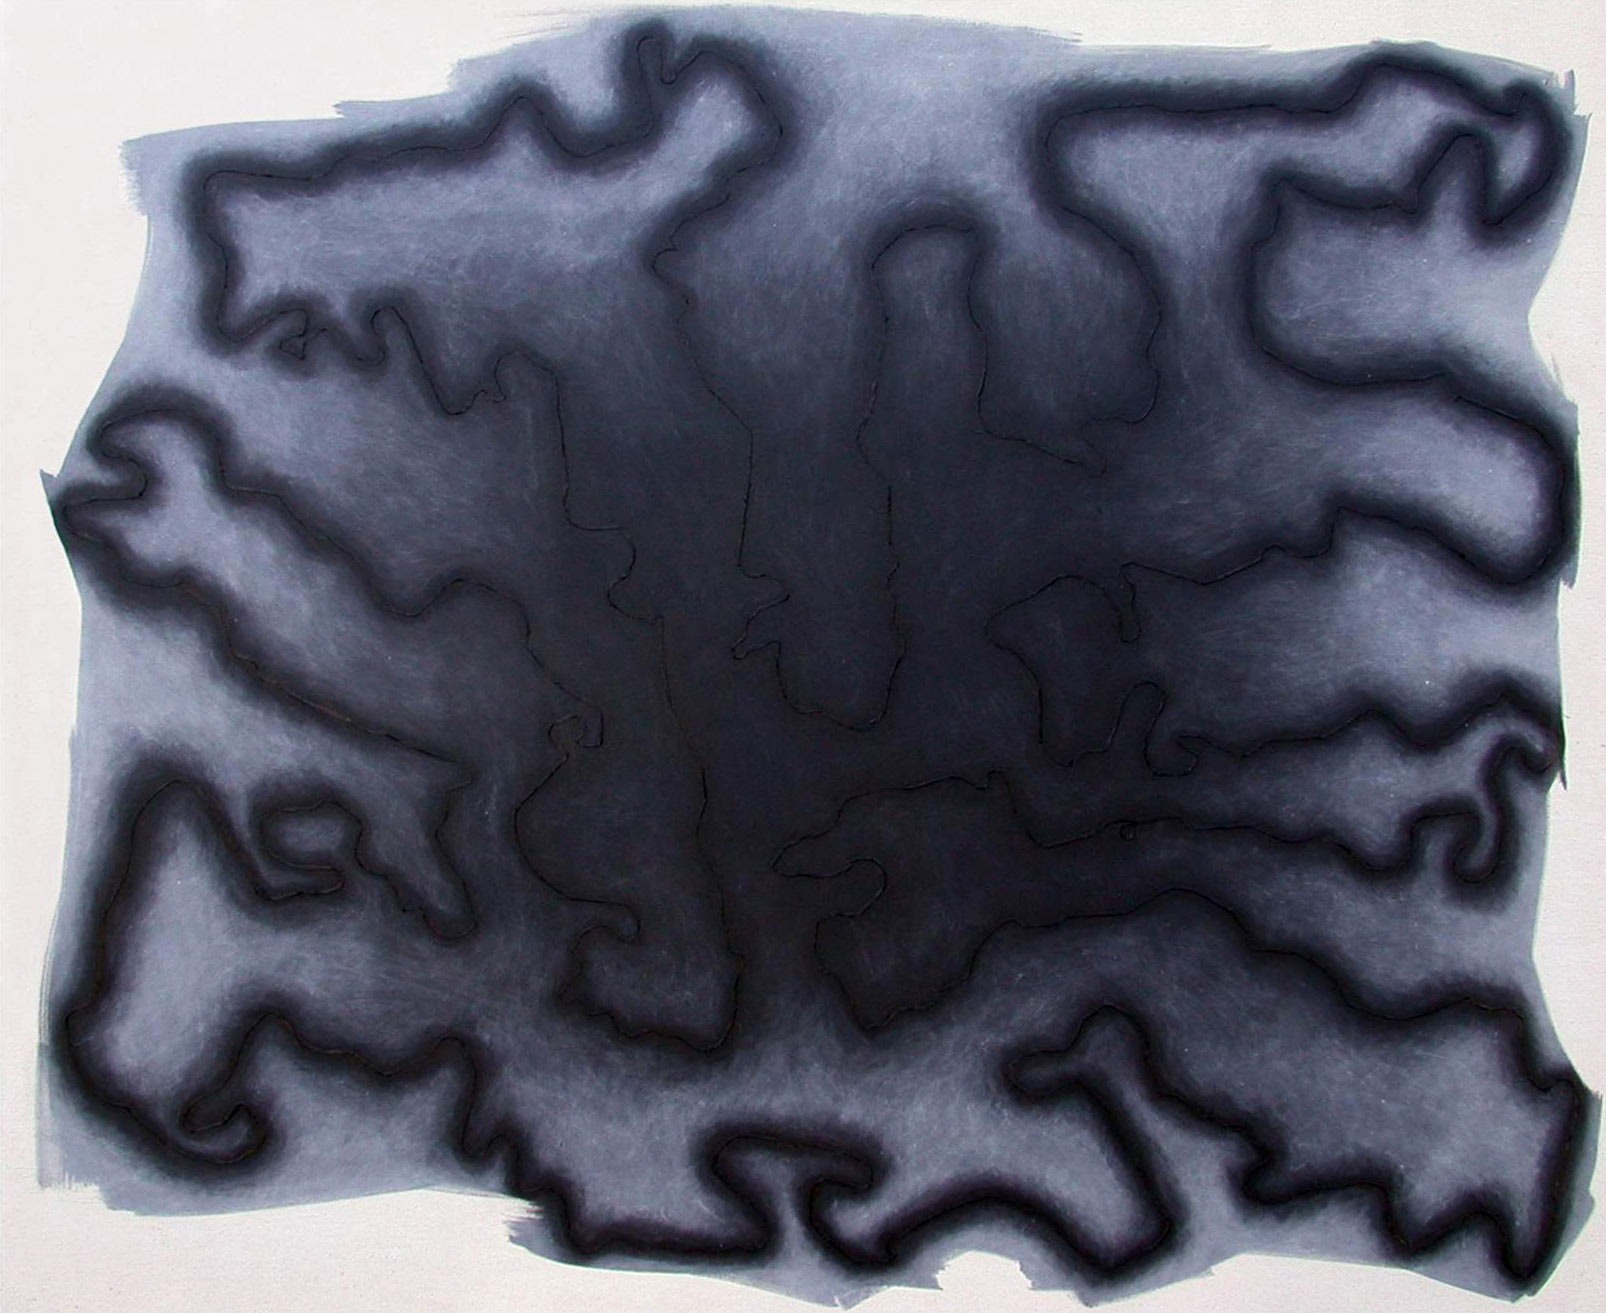 2002 - 140 x 114 cm